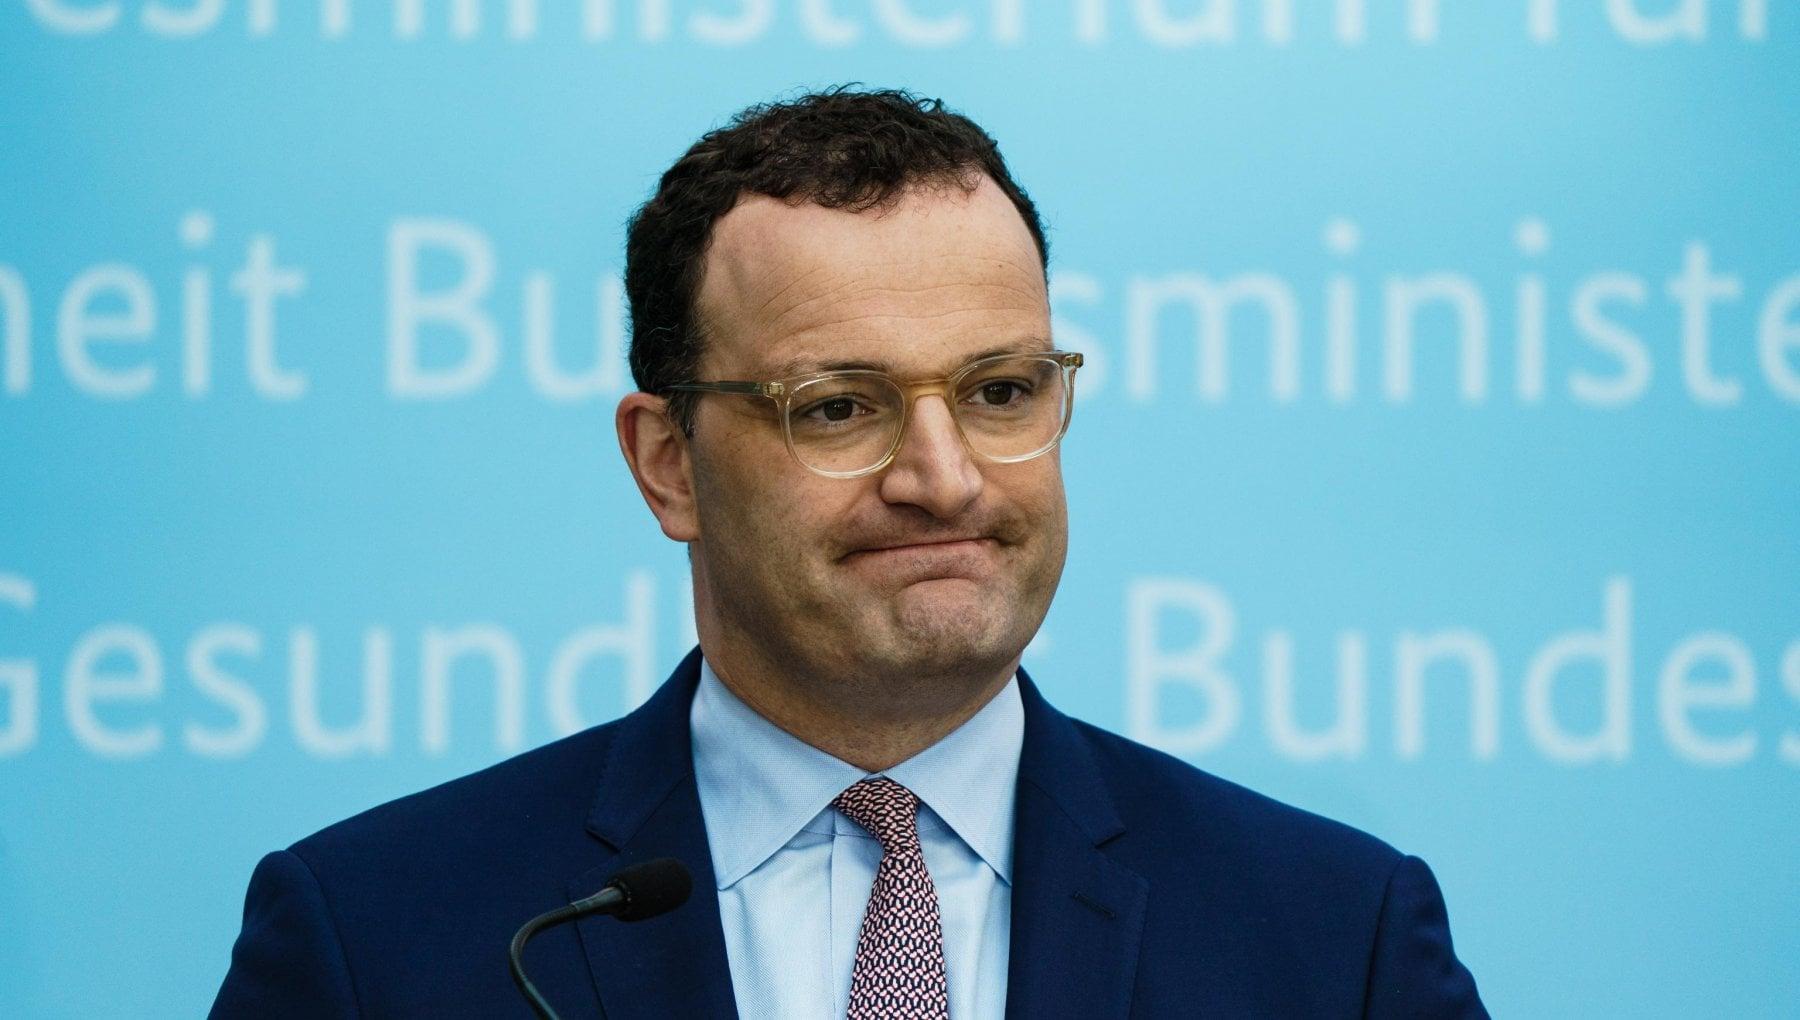 201801396 3b7363e3 ddc9 43f9 b93f 2371c8f48c16 - Germania, accuse al ministro della Salute: mascherine difettose ai disabili